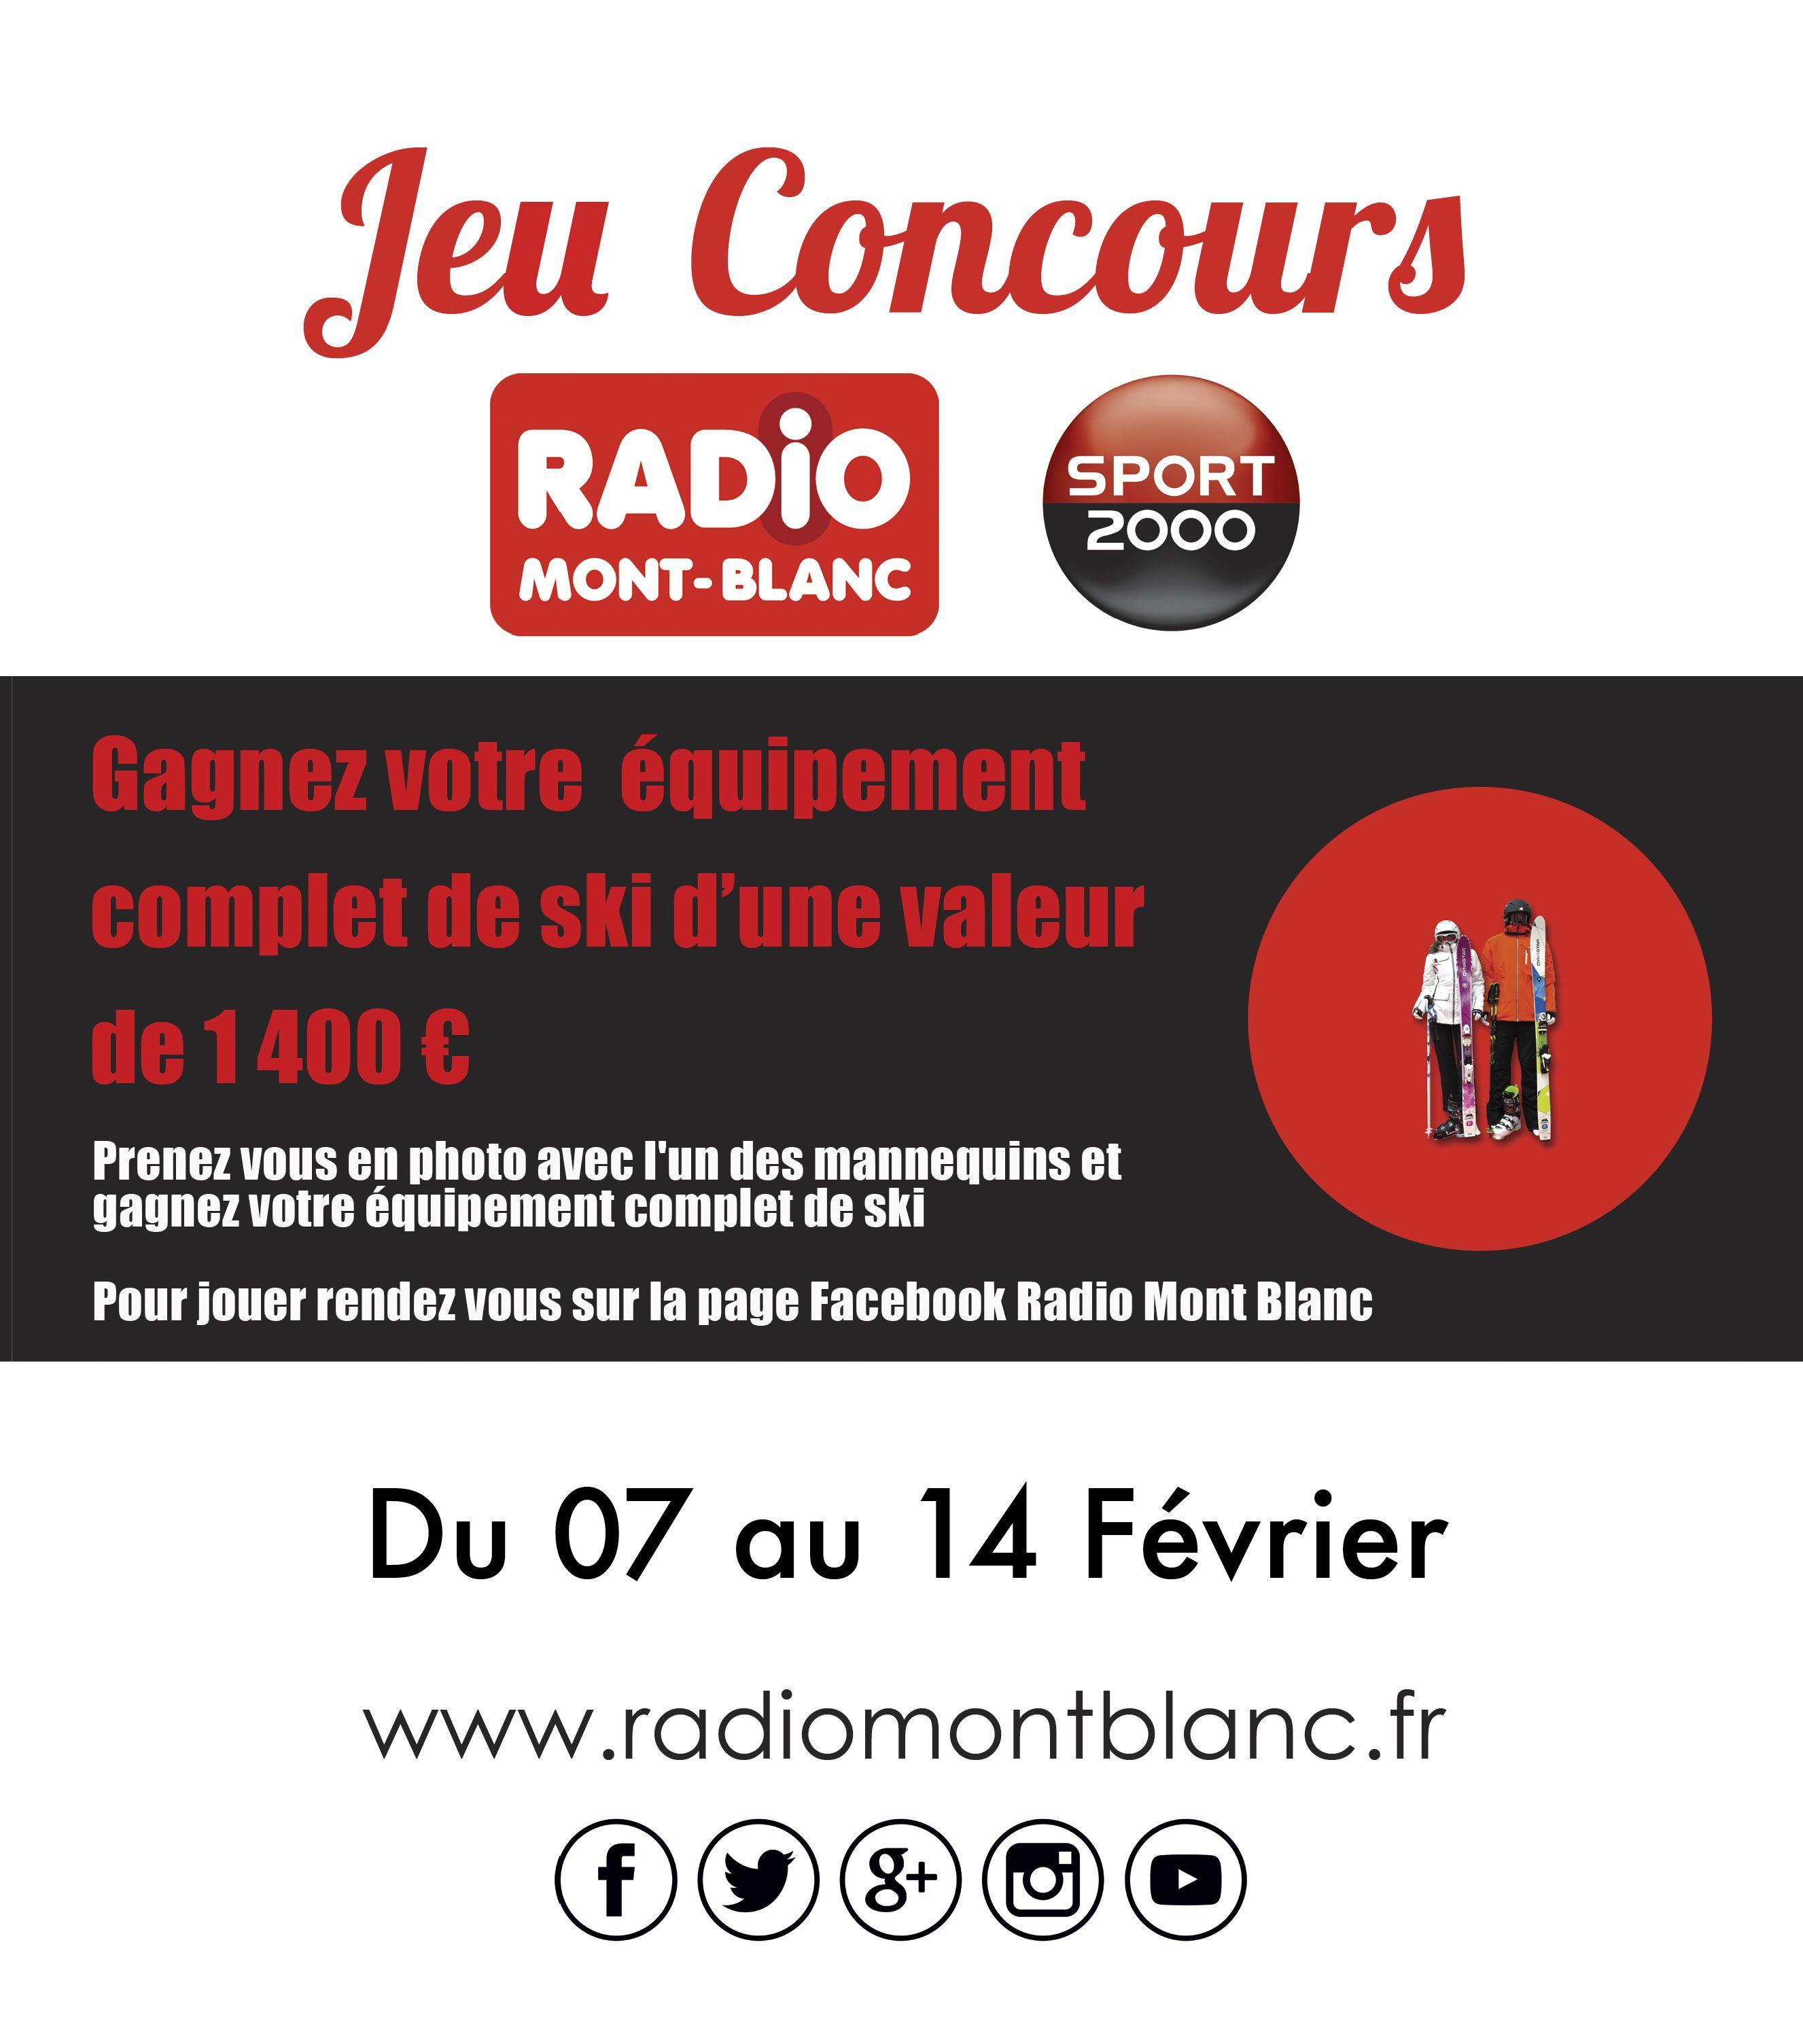 Au Sommet De La Musique Jeu Concours Grand Jeu Concours Magasin Sport